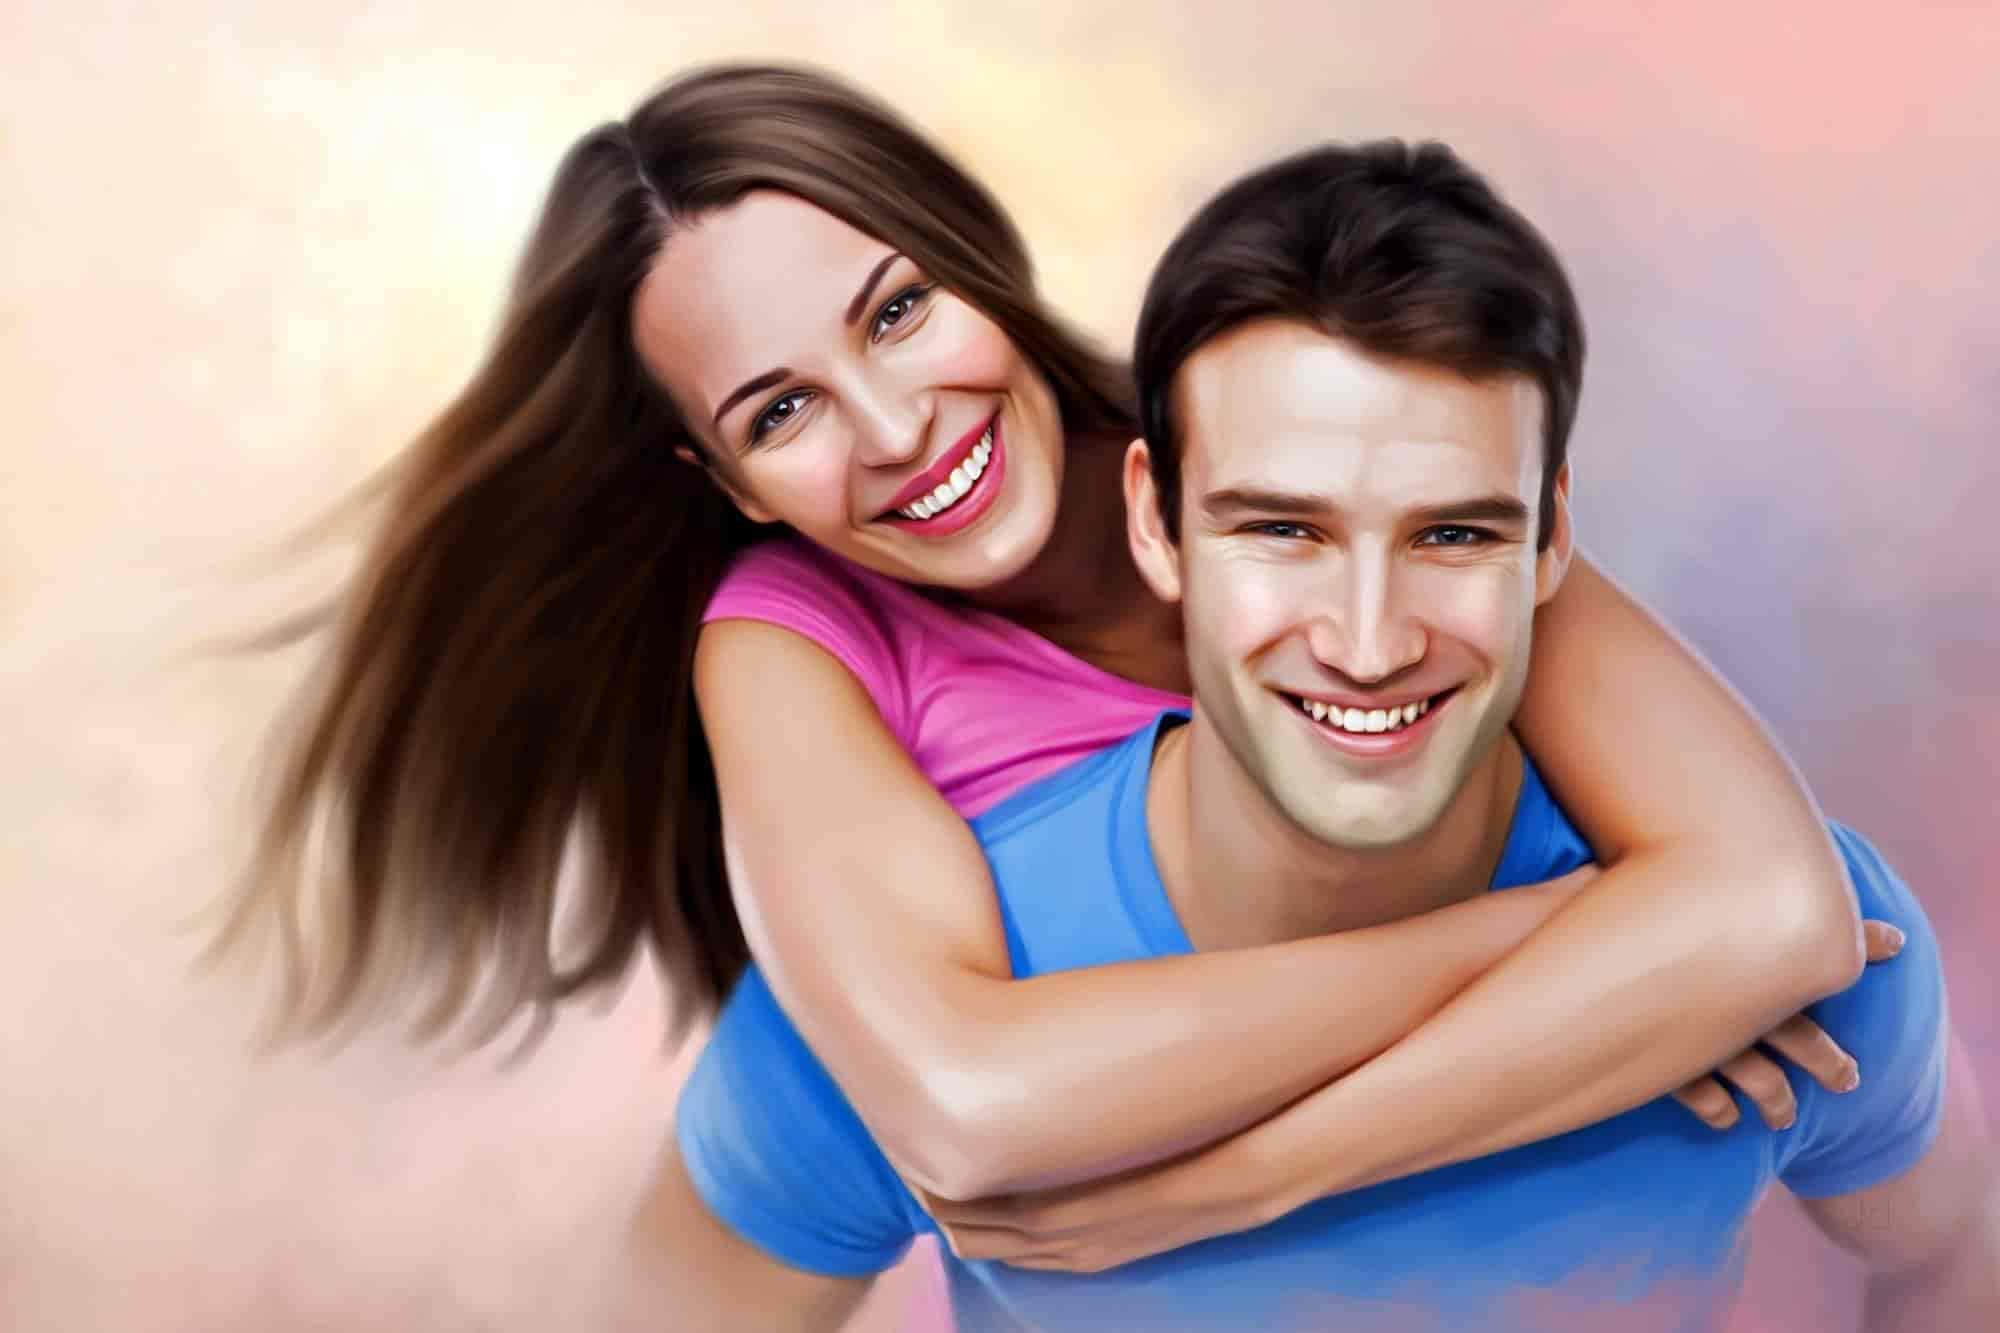 göta dating site dejta kvinnor i trosa- vagnhärad